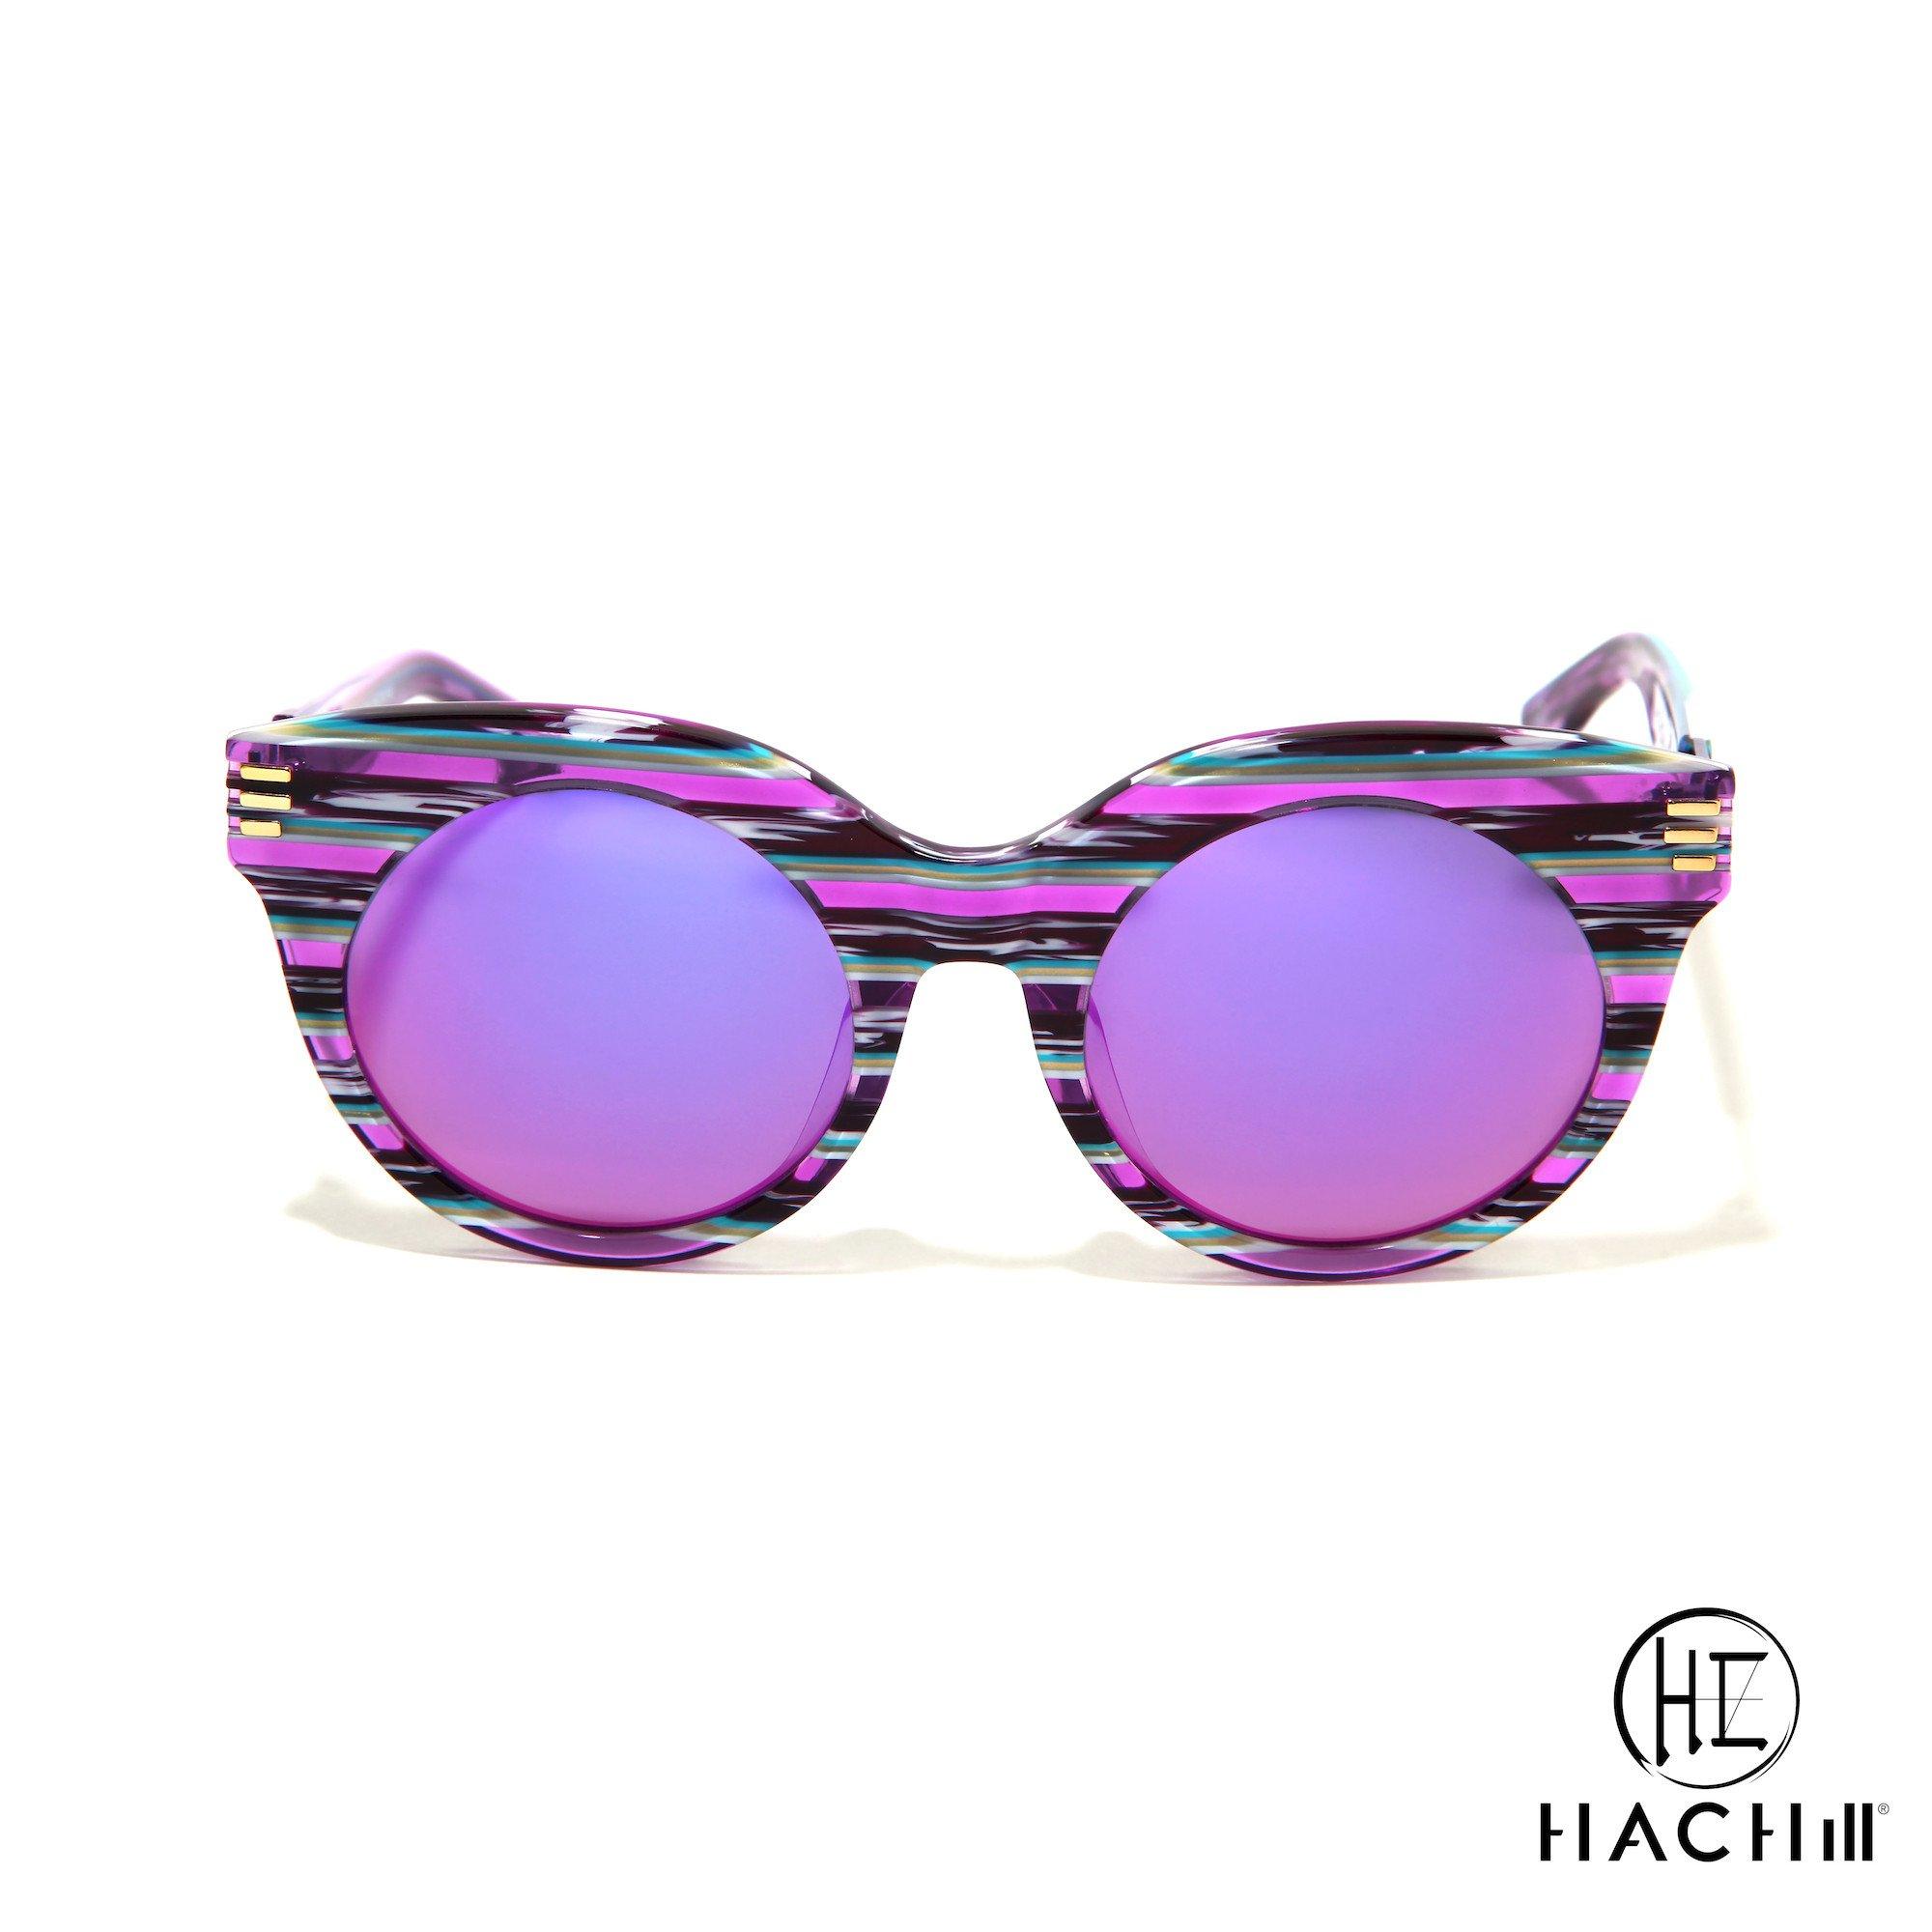 Hachill 太阳眼镜 HC8254S-C3 暗紫色